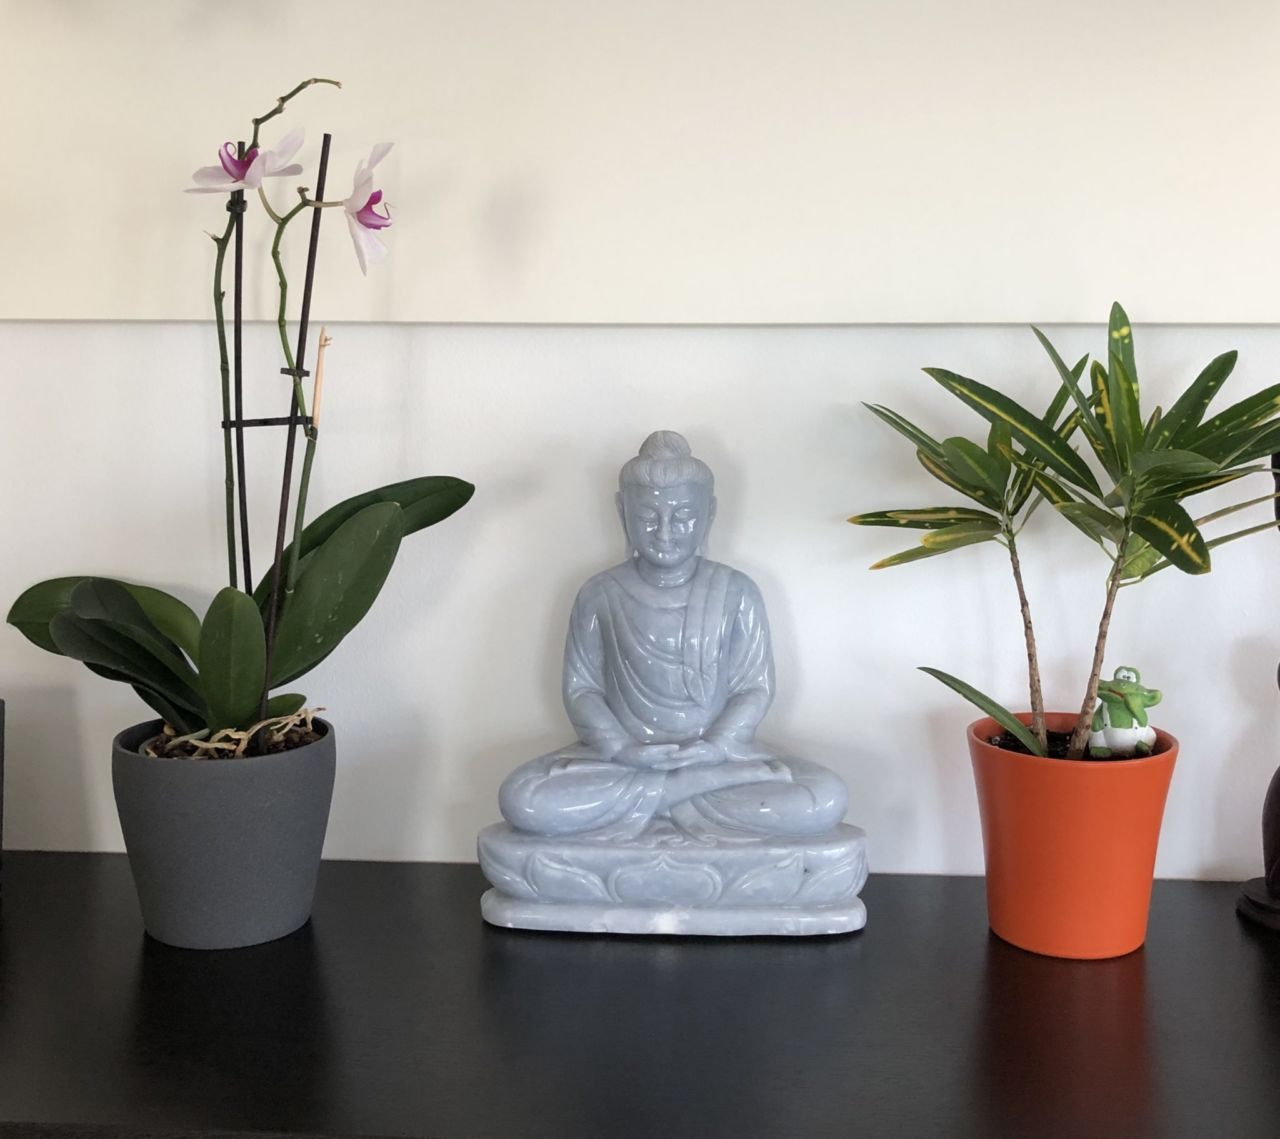 Pflanzen und Buddhafigur auf Sideboard